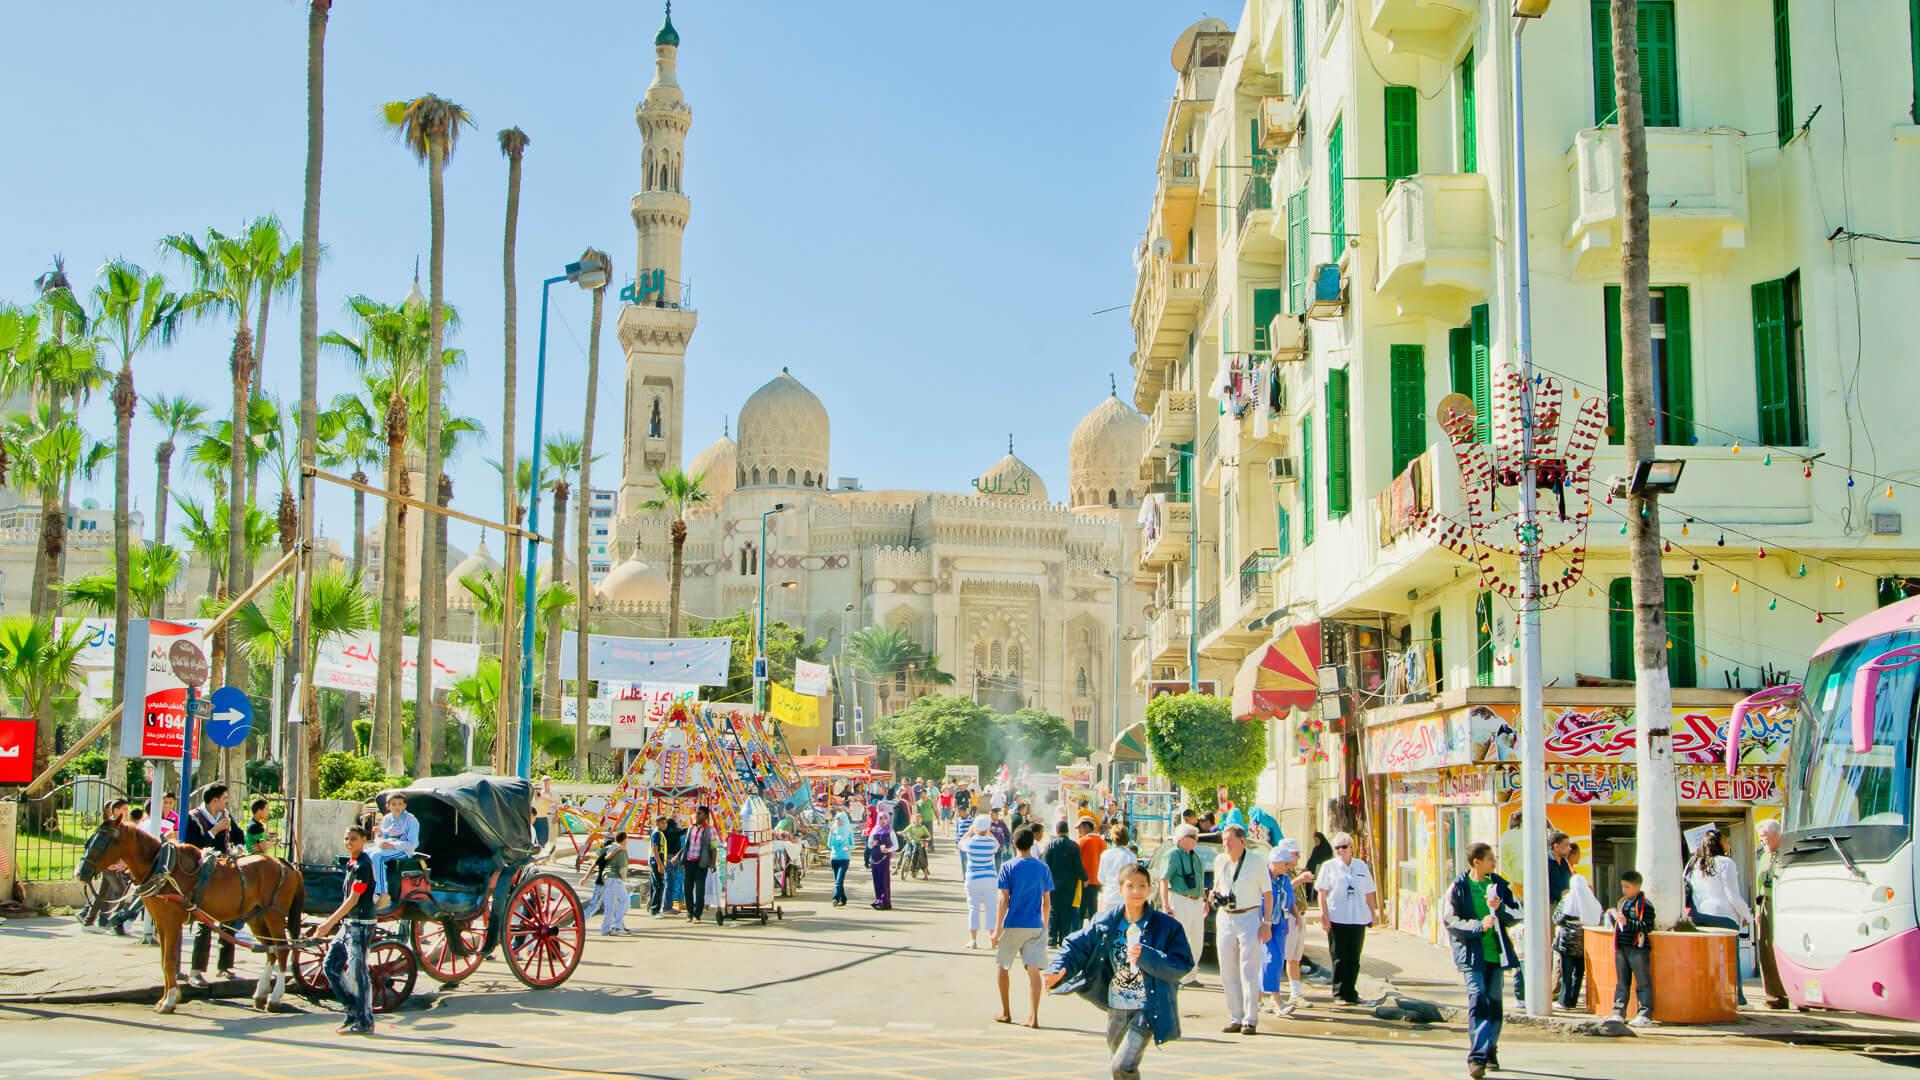 Alexandria Egypt market